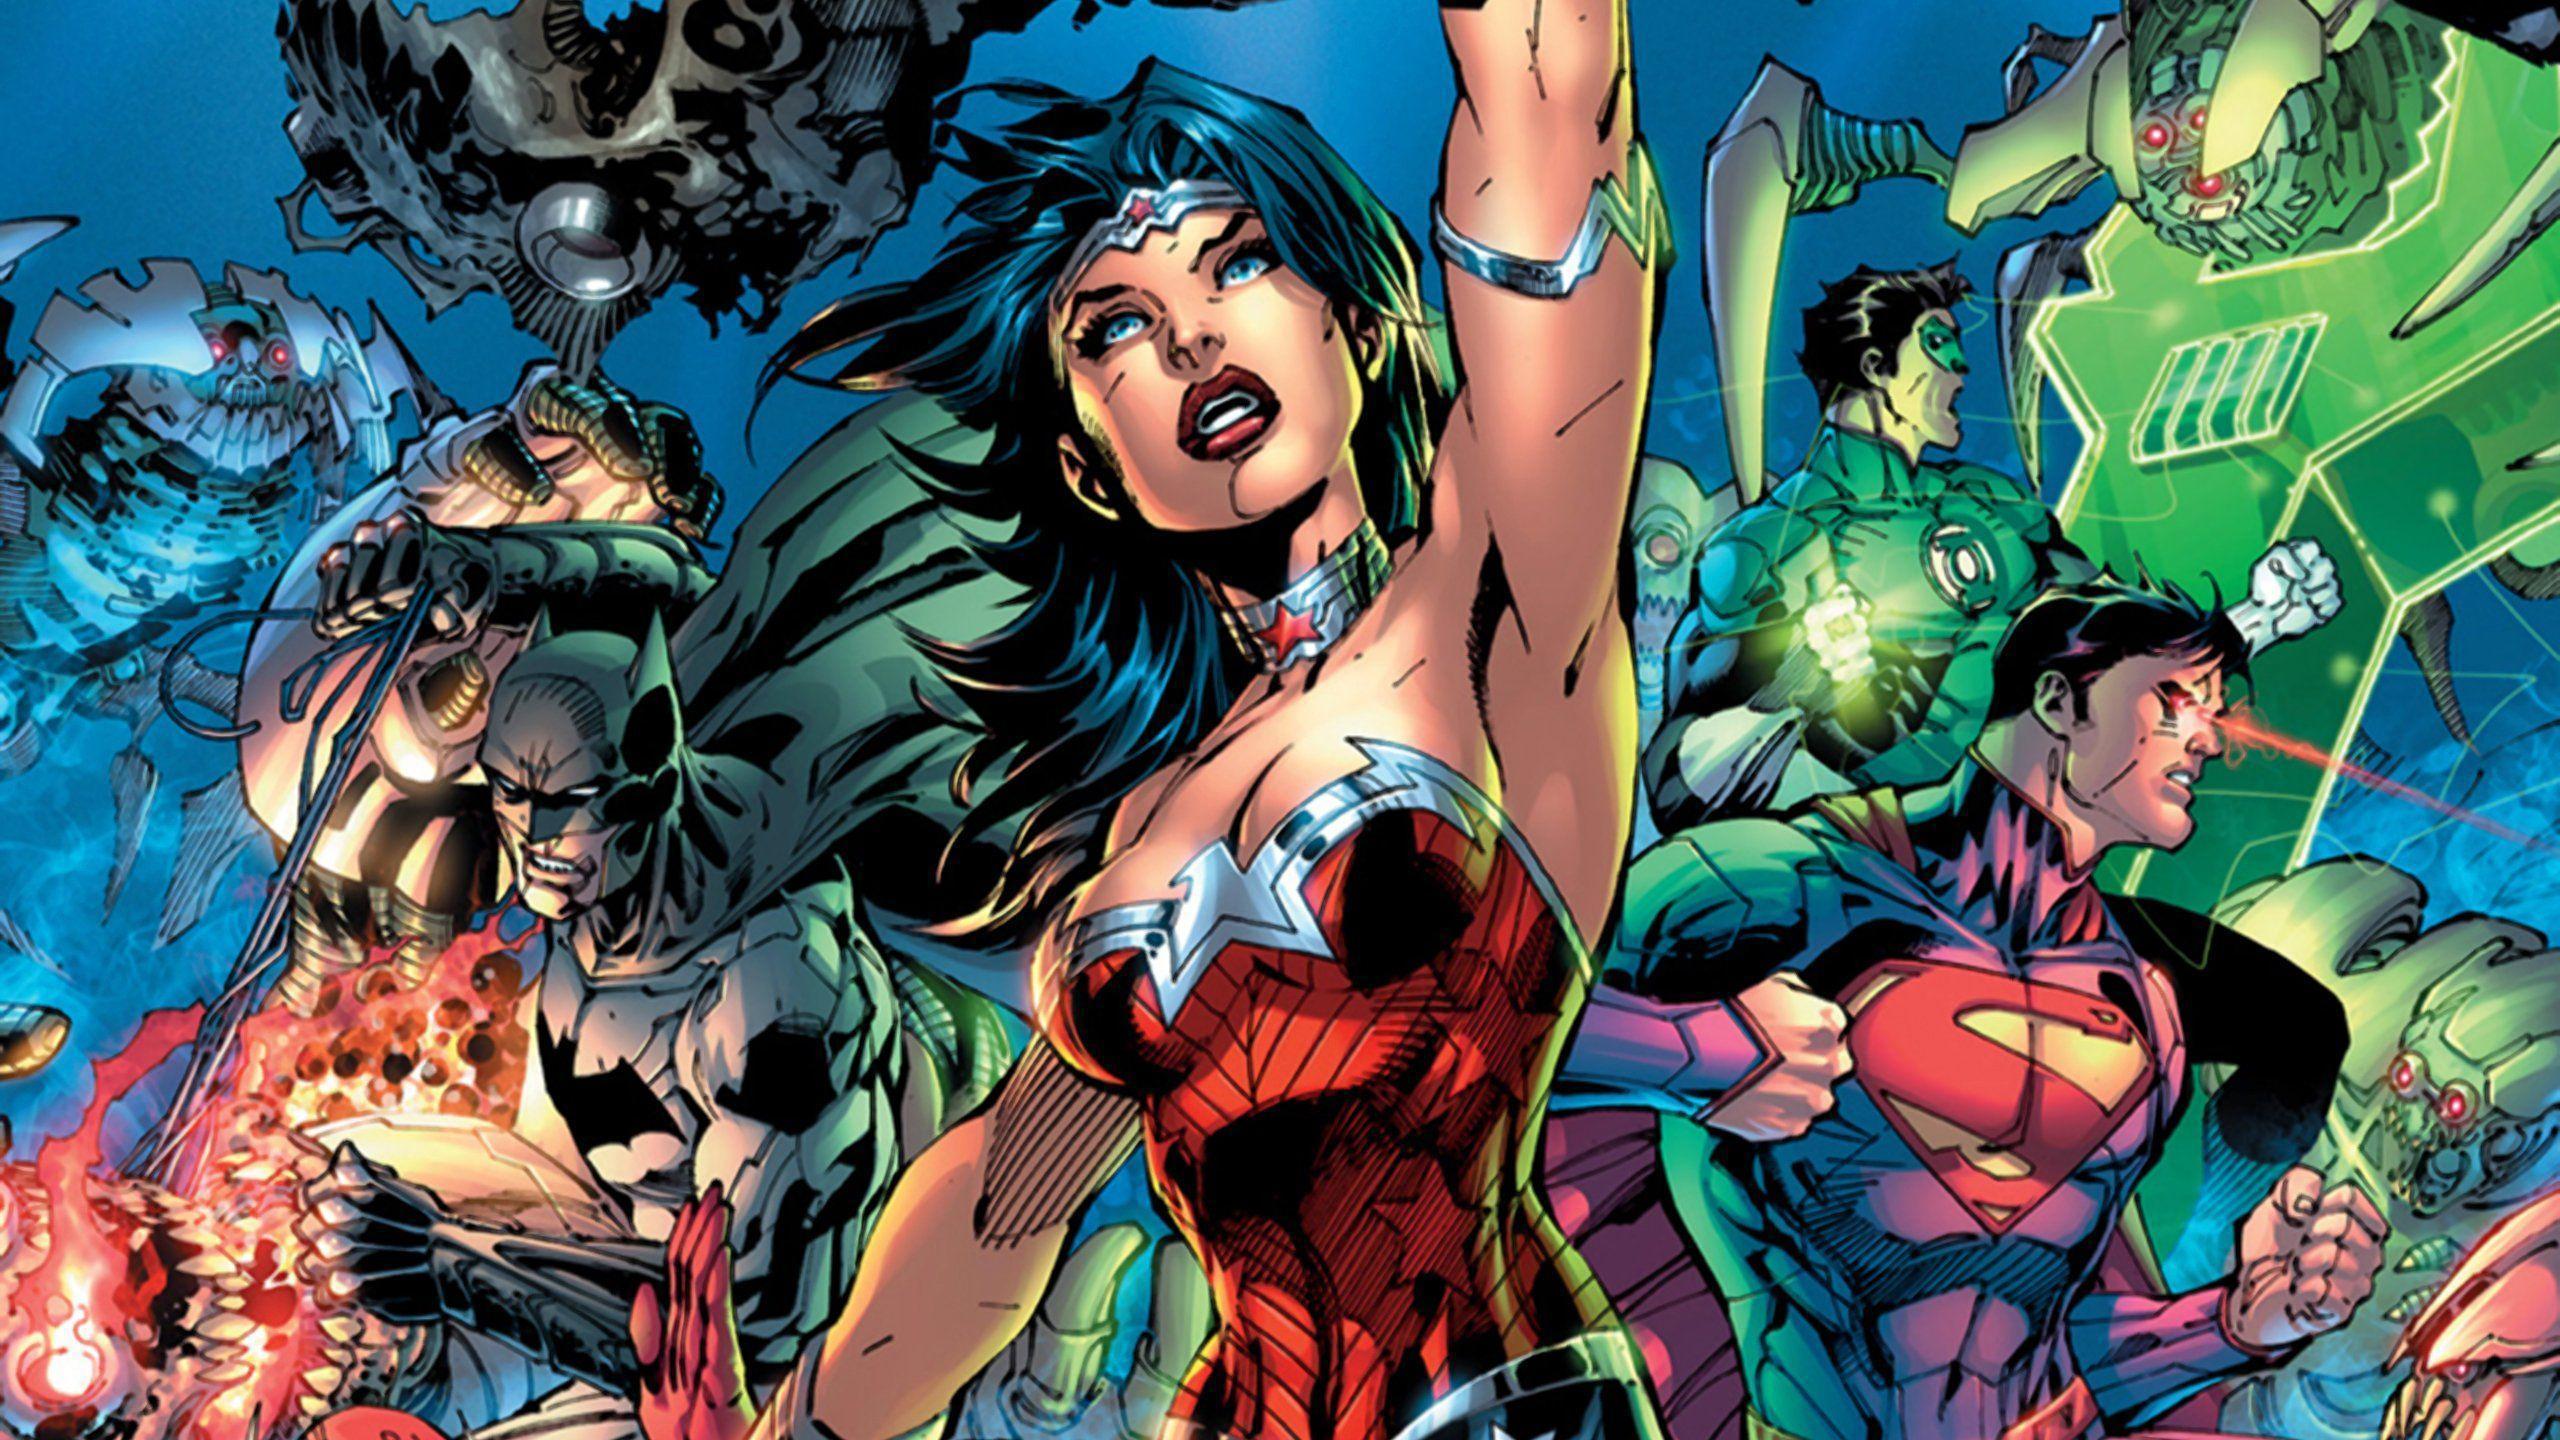 Batman Wonder Woman Wallpaper - WallpaperSafari